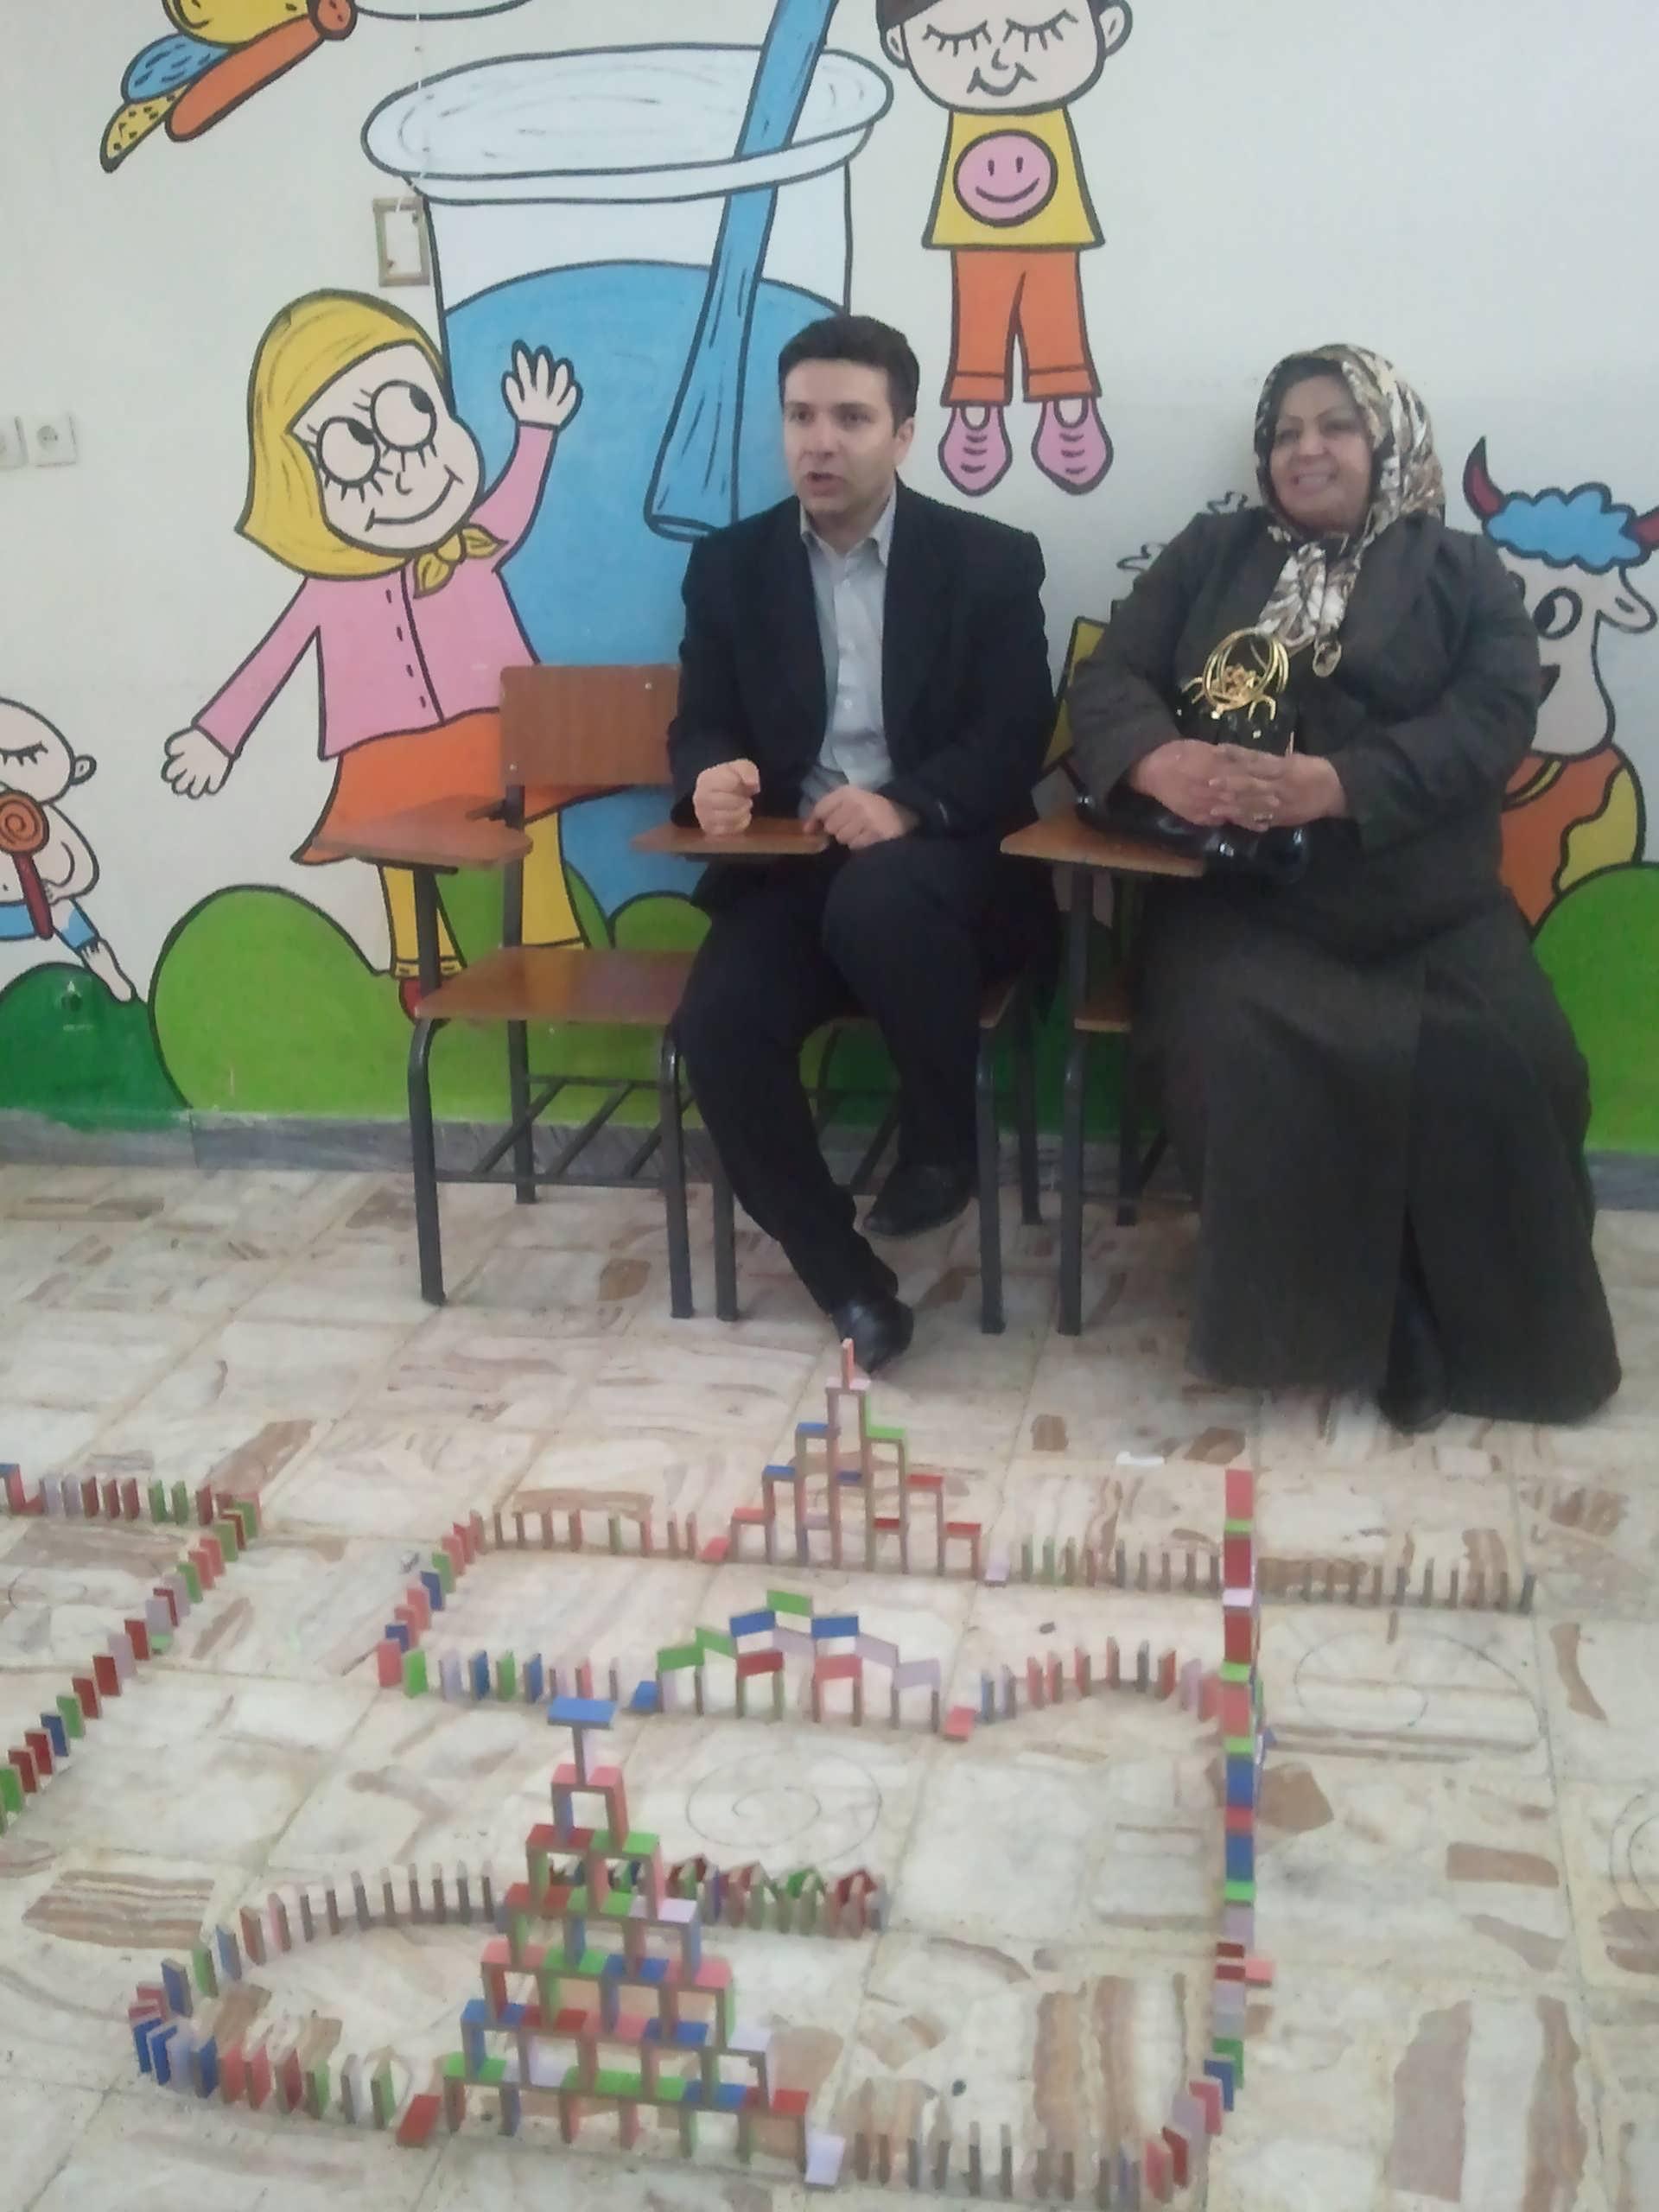 http://www.n-javan.com/aks/tahereh-javan/jpg2013-01-02%2014.10.12.jpg